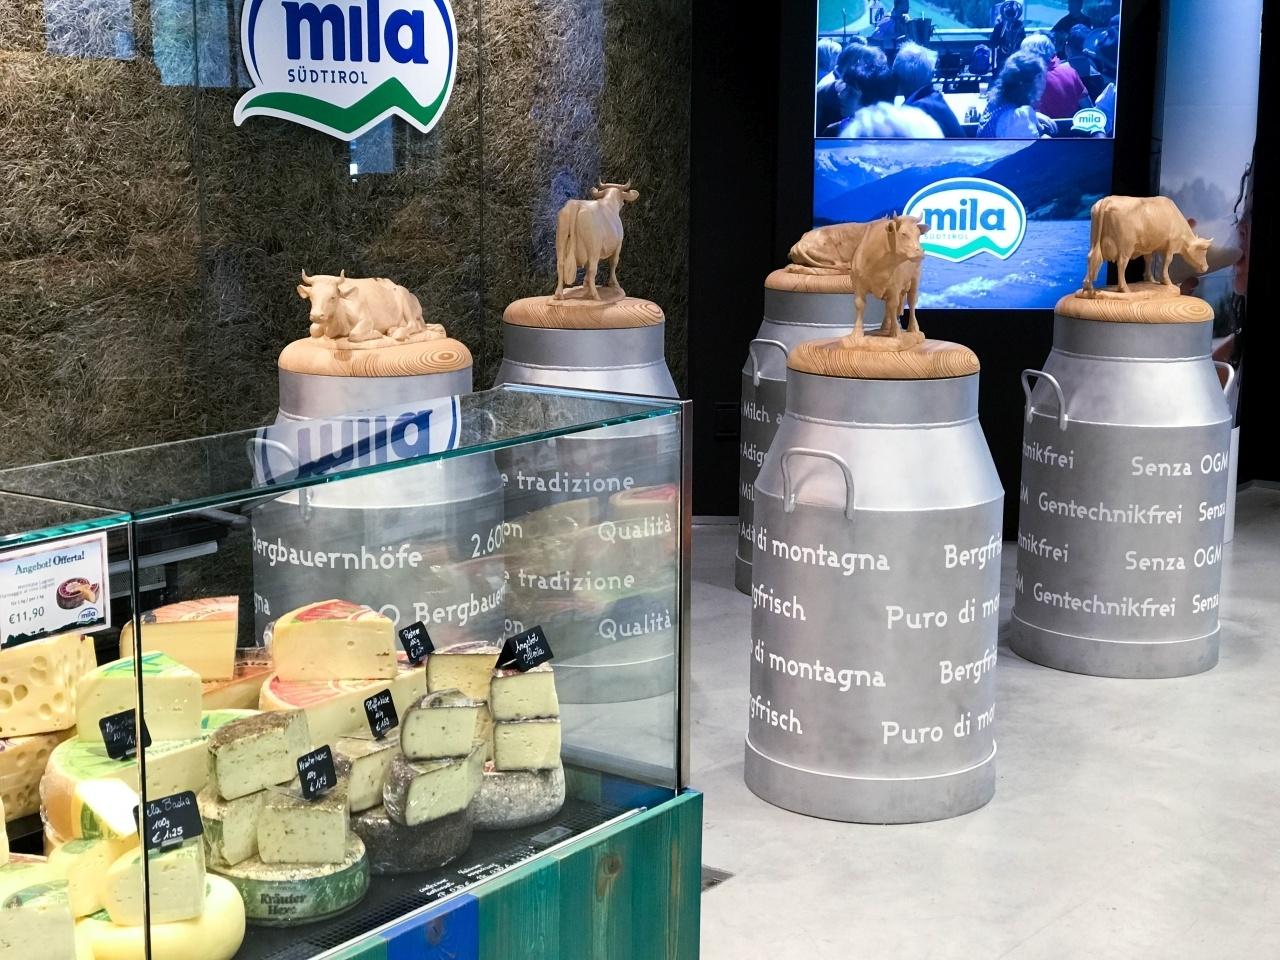 Mila dairy cooperative in Bolzano, Italy